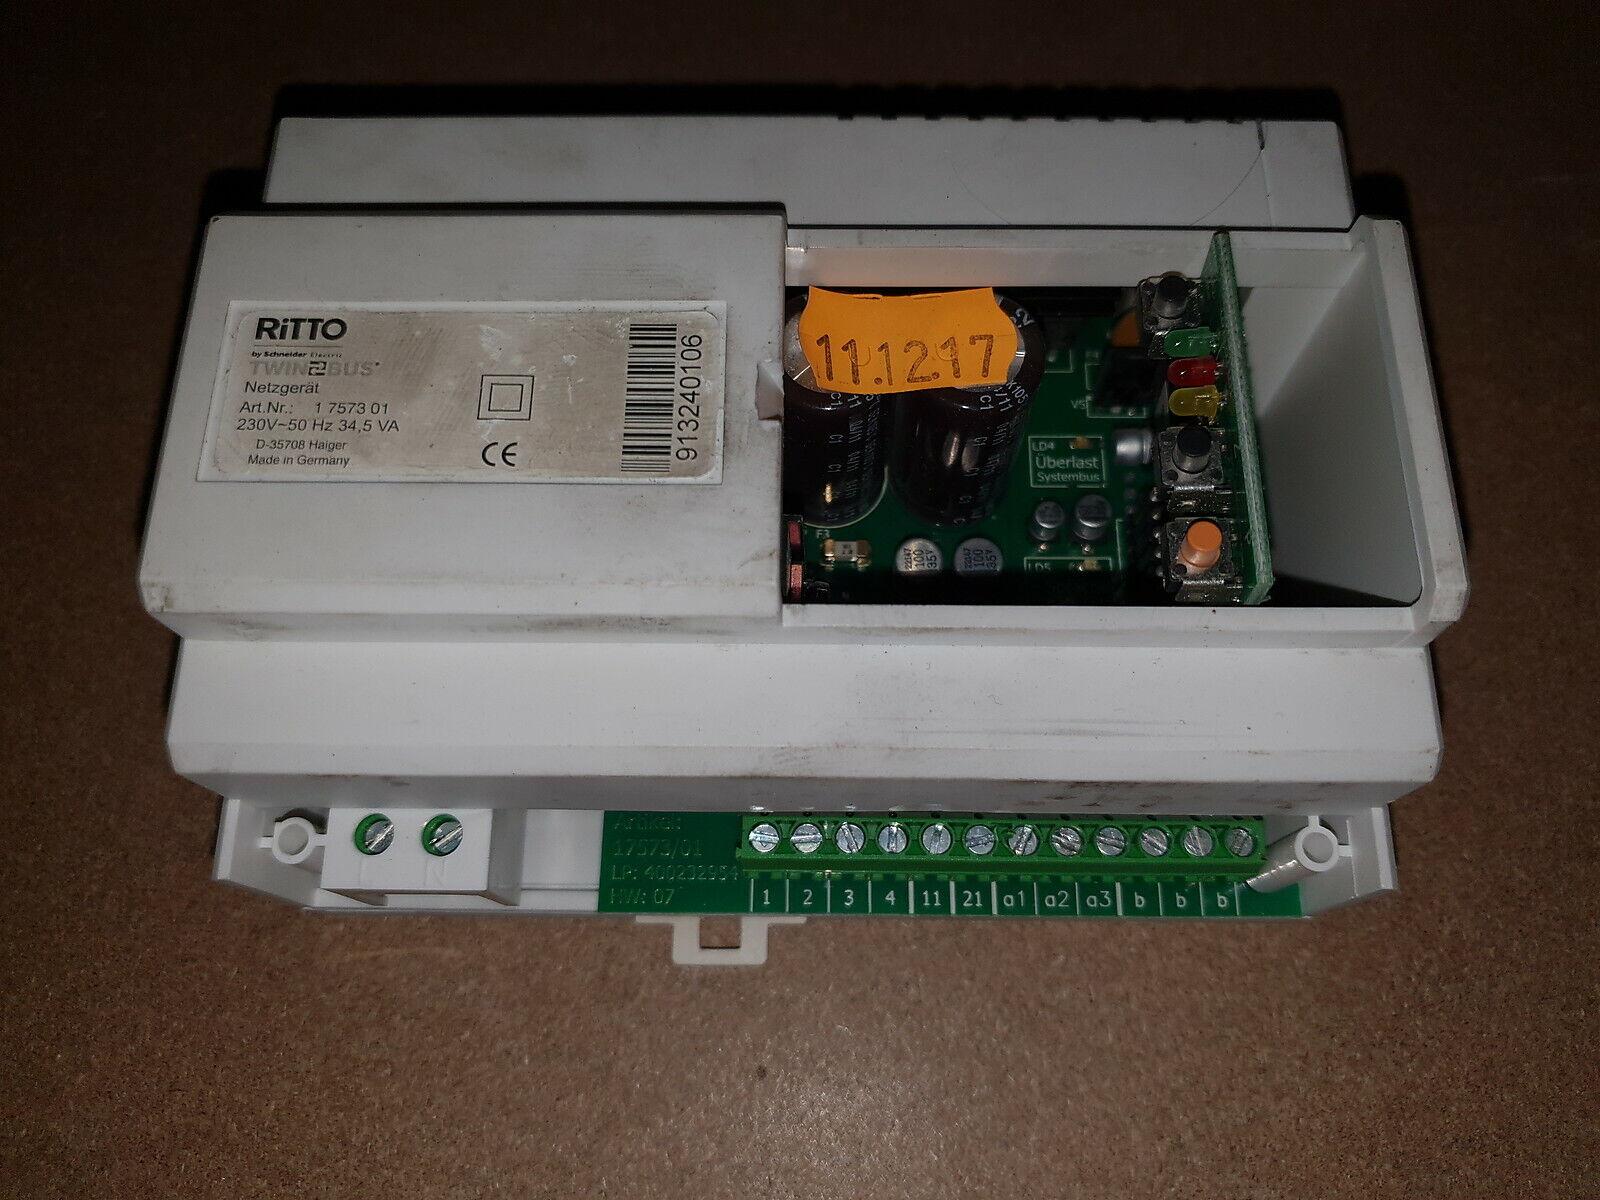 Ritto 1 7573 01 Twinbus Netzgerät Netzteil Trafo 230V 34,5 VA 7573.01 1757301 oD